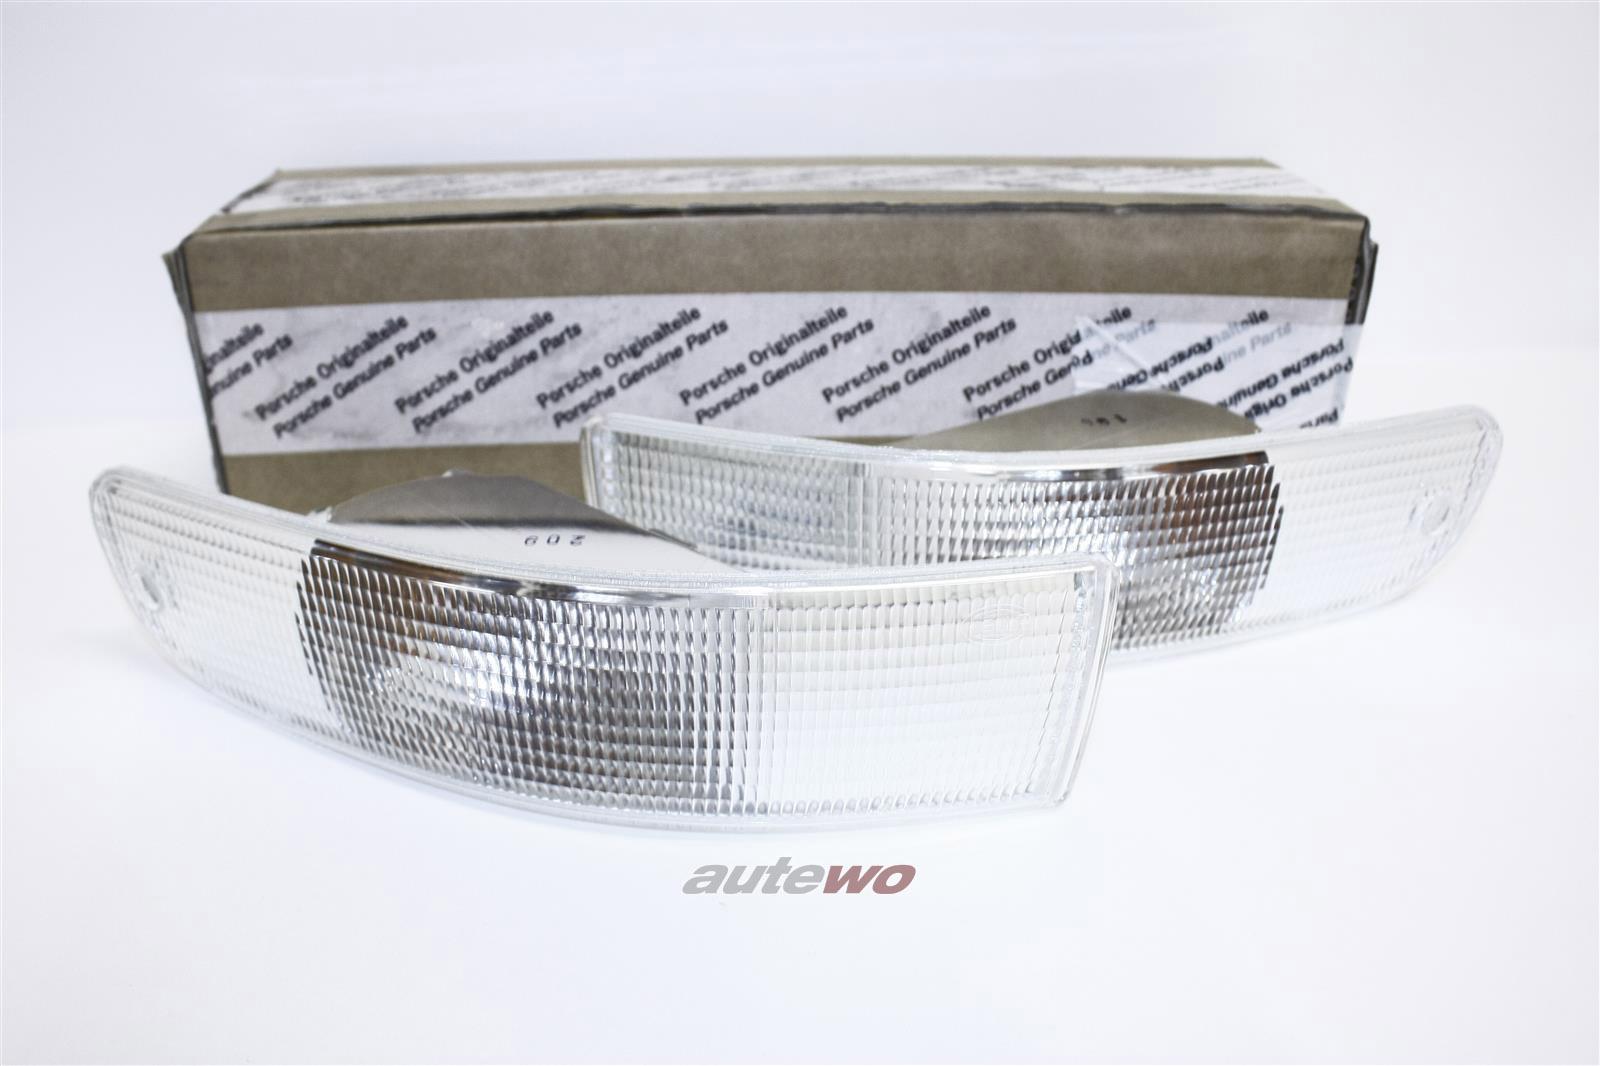 NEU! Audi RS2/ Cabrio/PORSCHE Orig. Blinker Paar Li. & Re. weiß 8A0953049D & 8A0